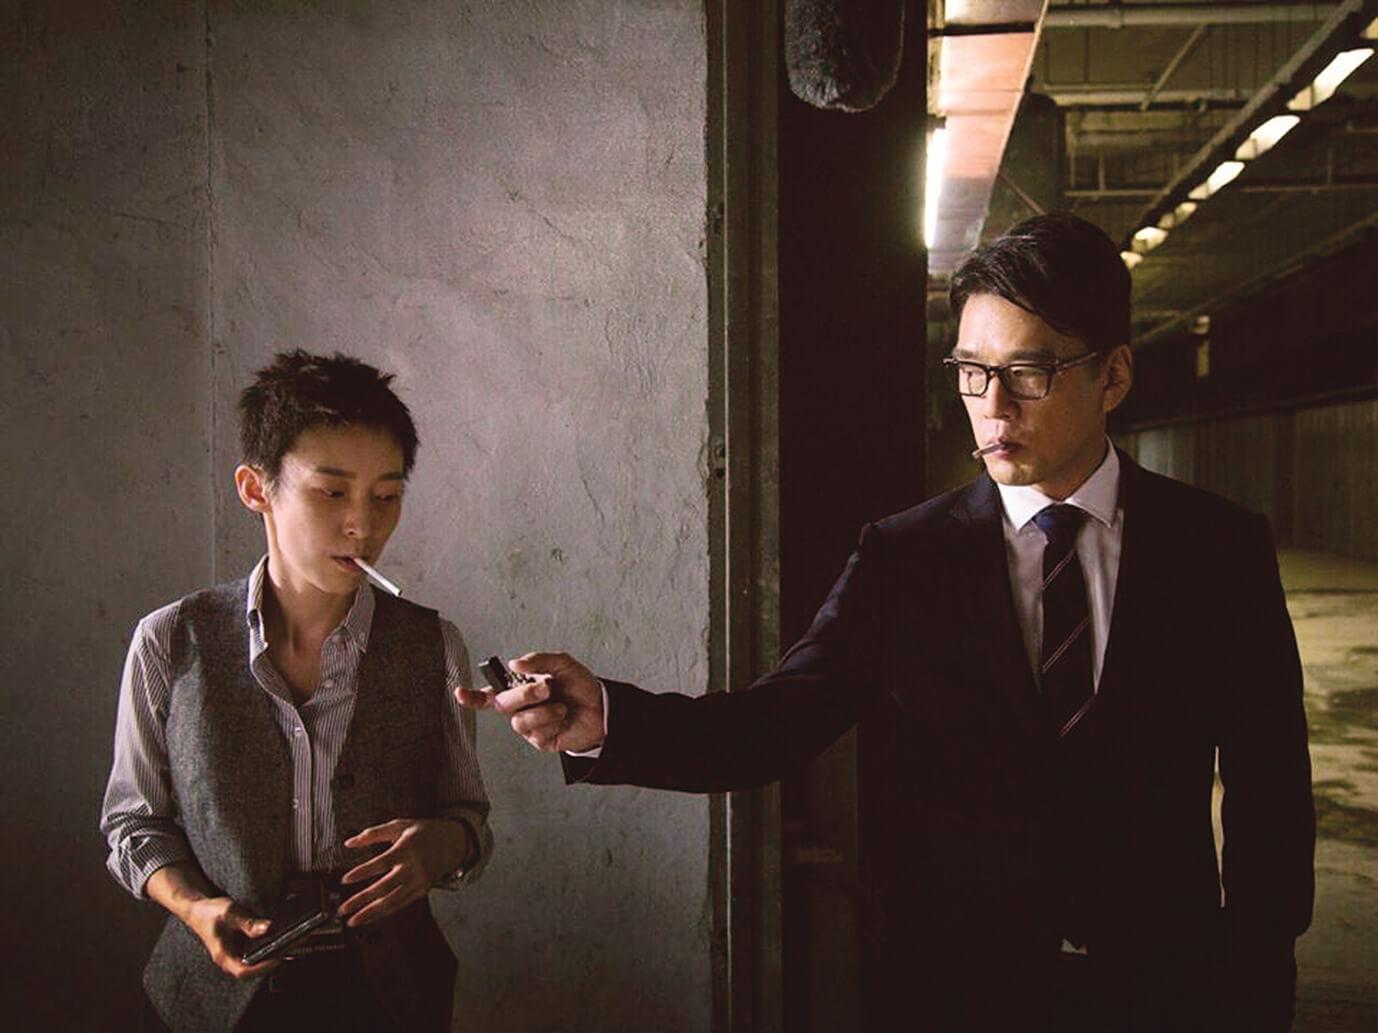 周家怡在電影《無雙》飾演女督察,被提名電影金像獎最佳女配角,與王耀慶有不少對手戲。